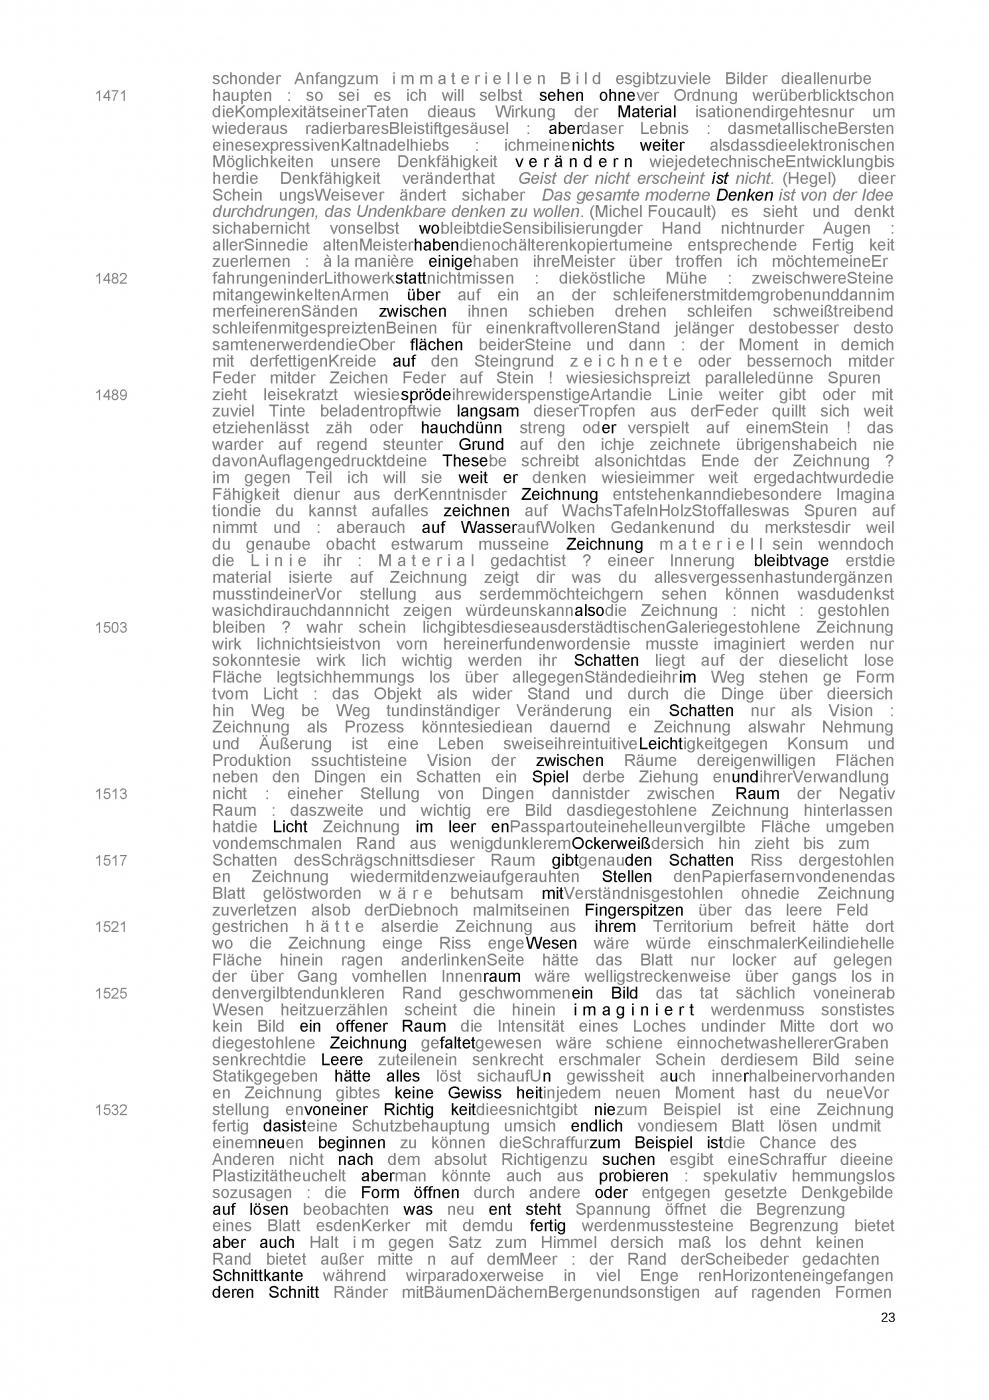 GestohleneZeichnung_Seite_23